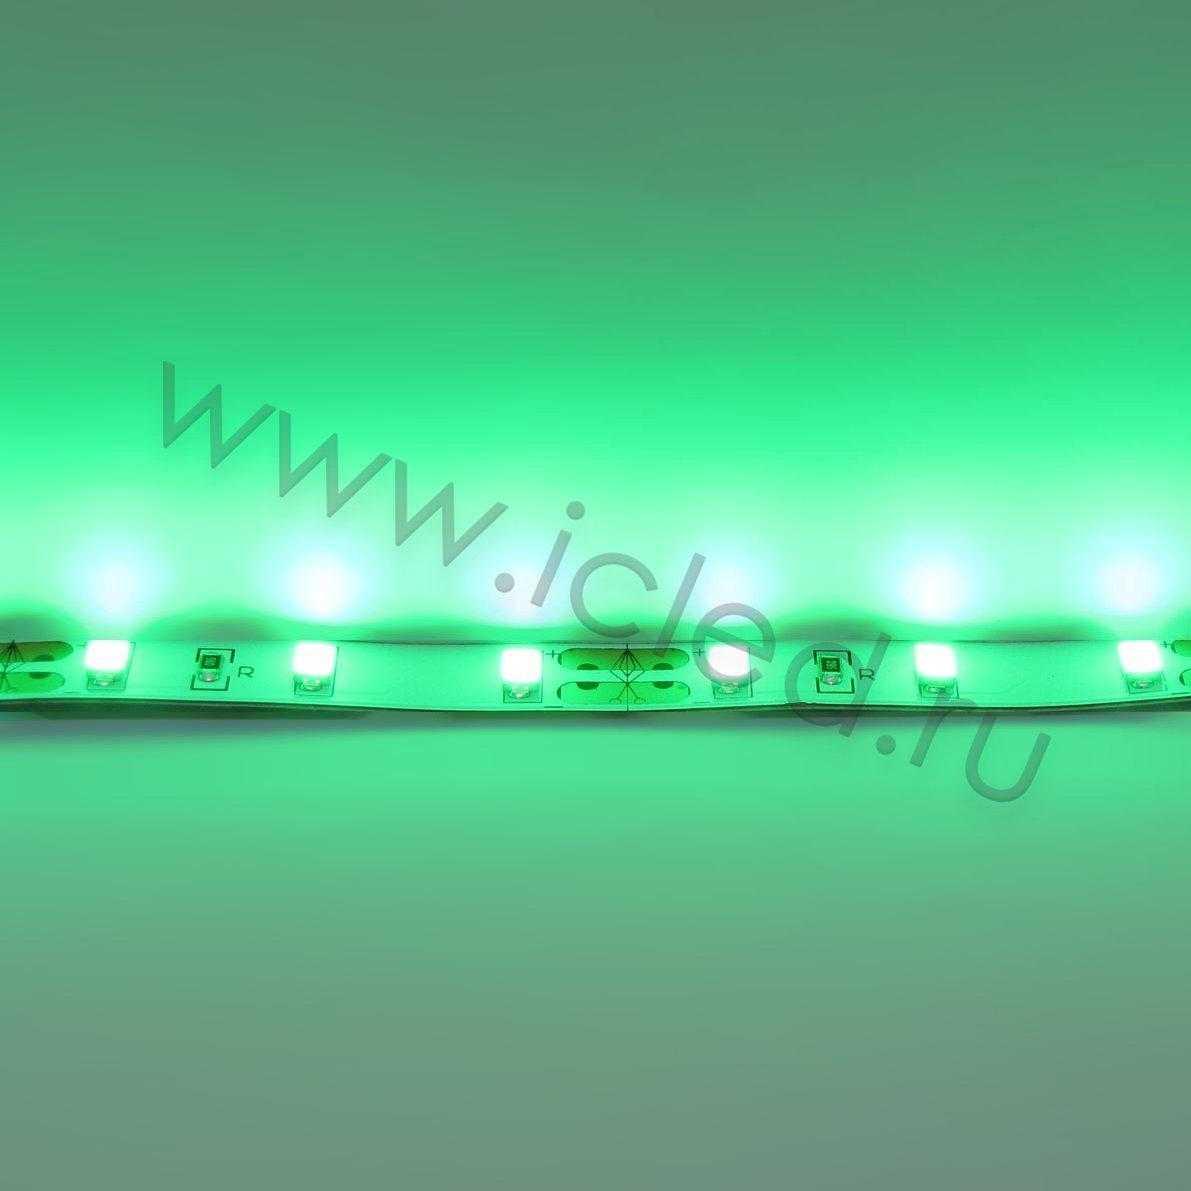 Светодиодная лента Class B, 5730, 60led/m, Green,12V, IP33